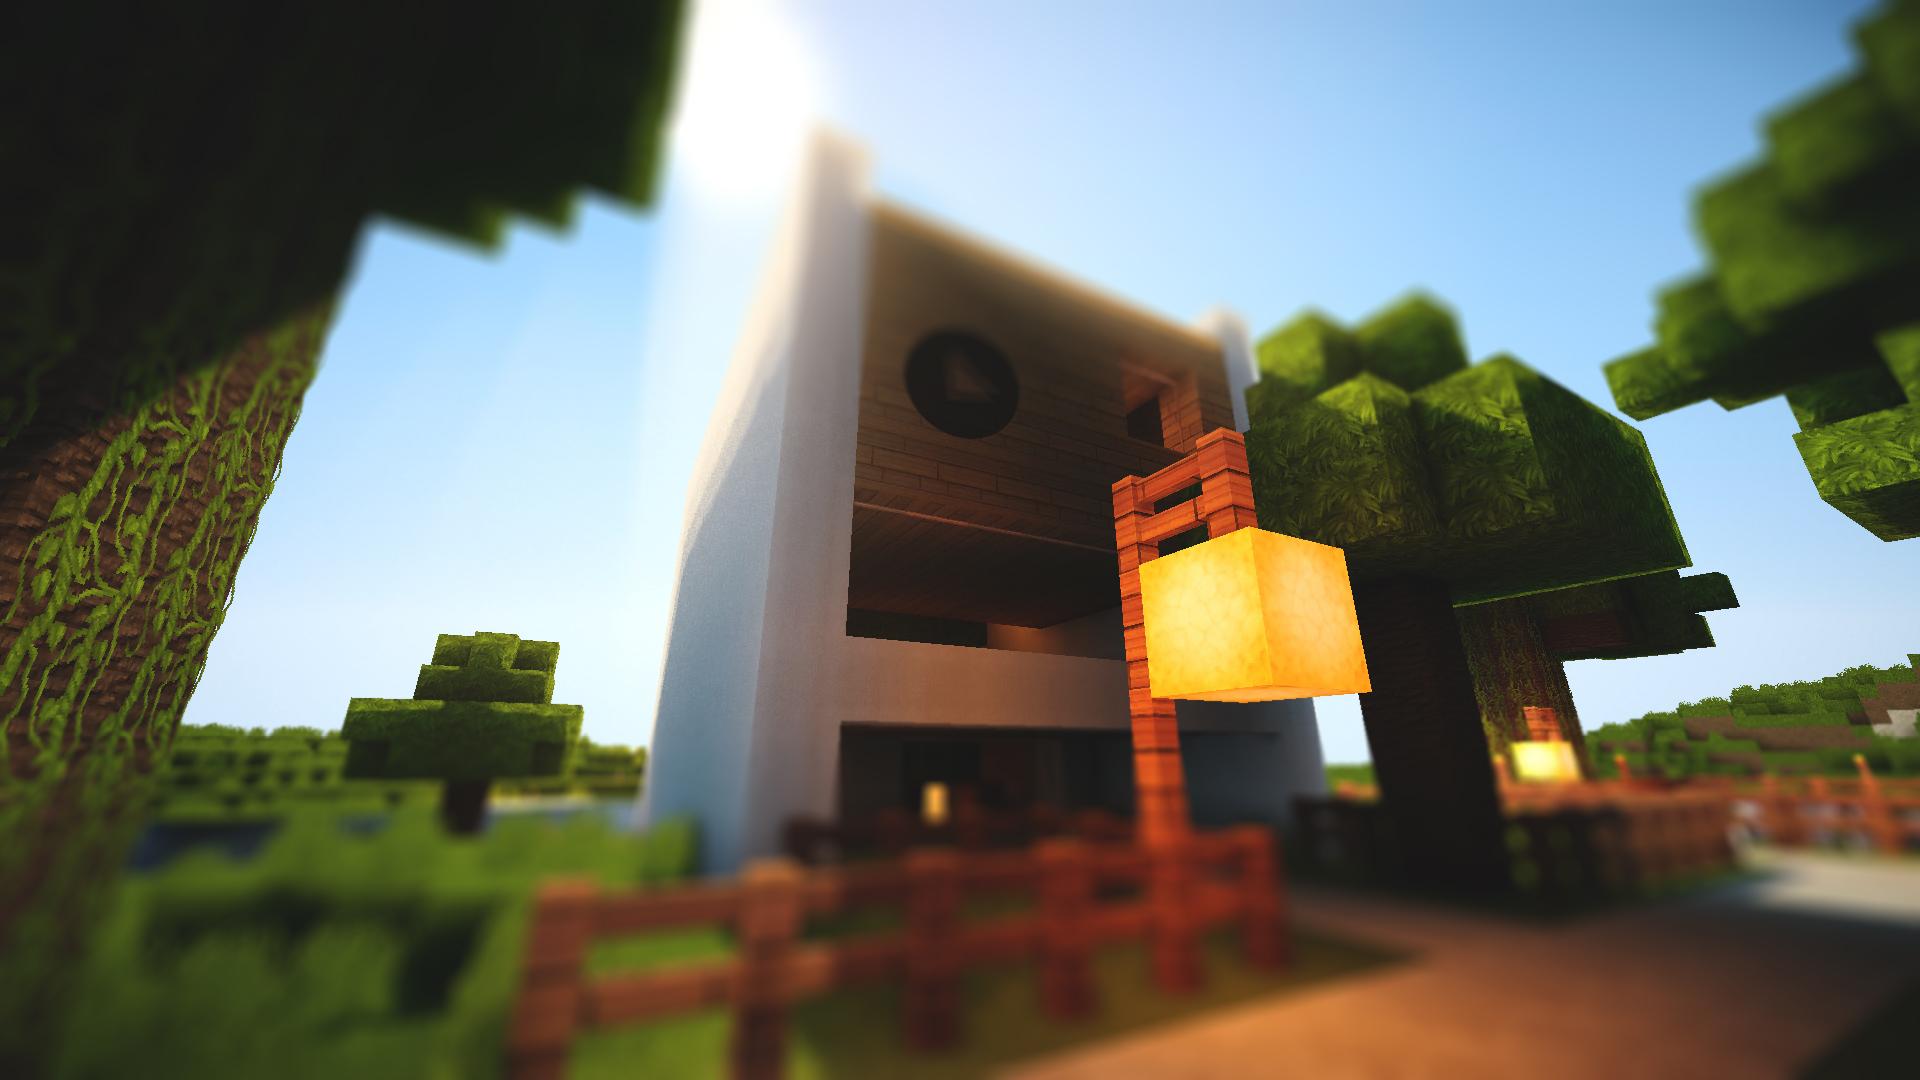 Popular Wallpaper Minecraft Simple - minecraft__minimal_modern_house__1_by_lpzdesign-d5dmyd9  Graphic_976567.jpg